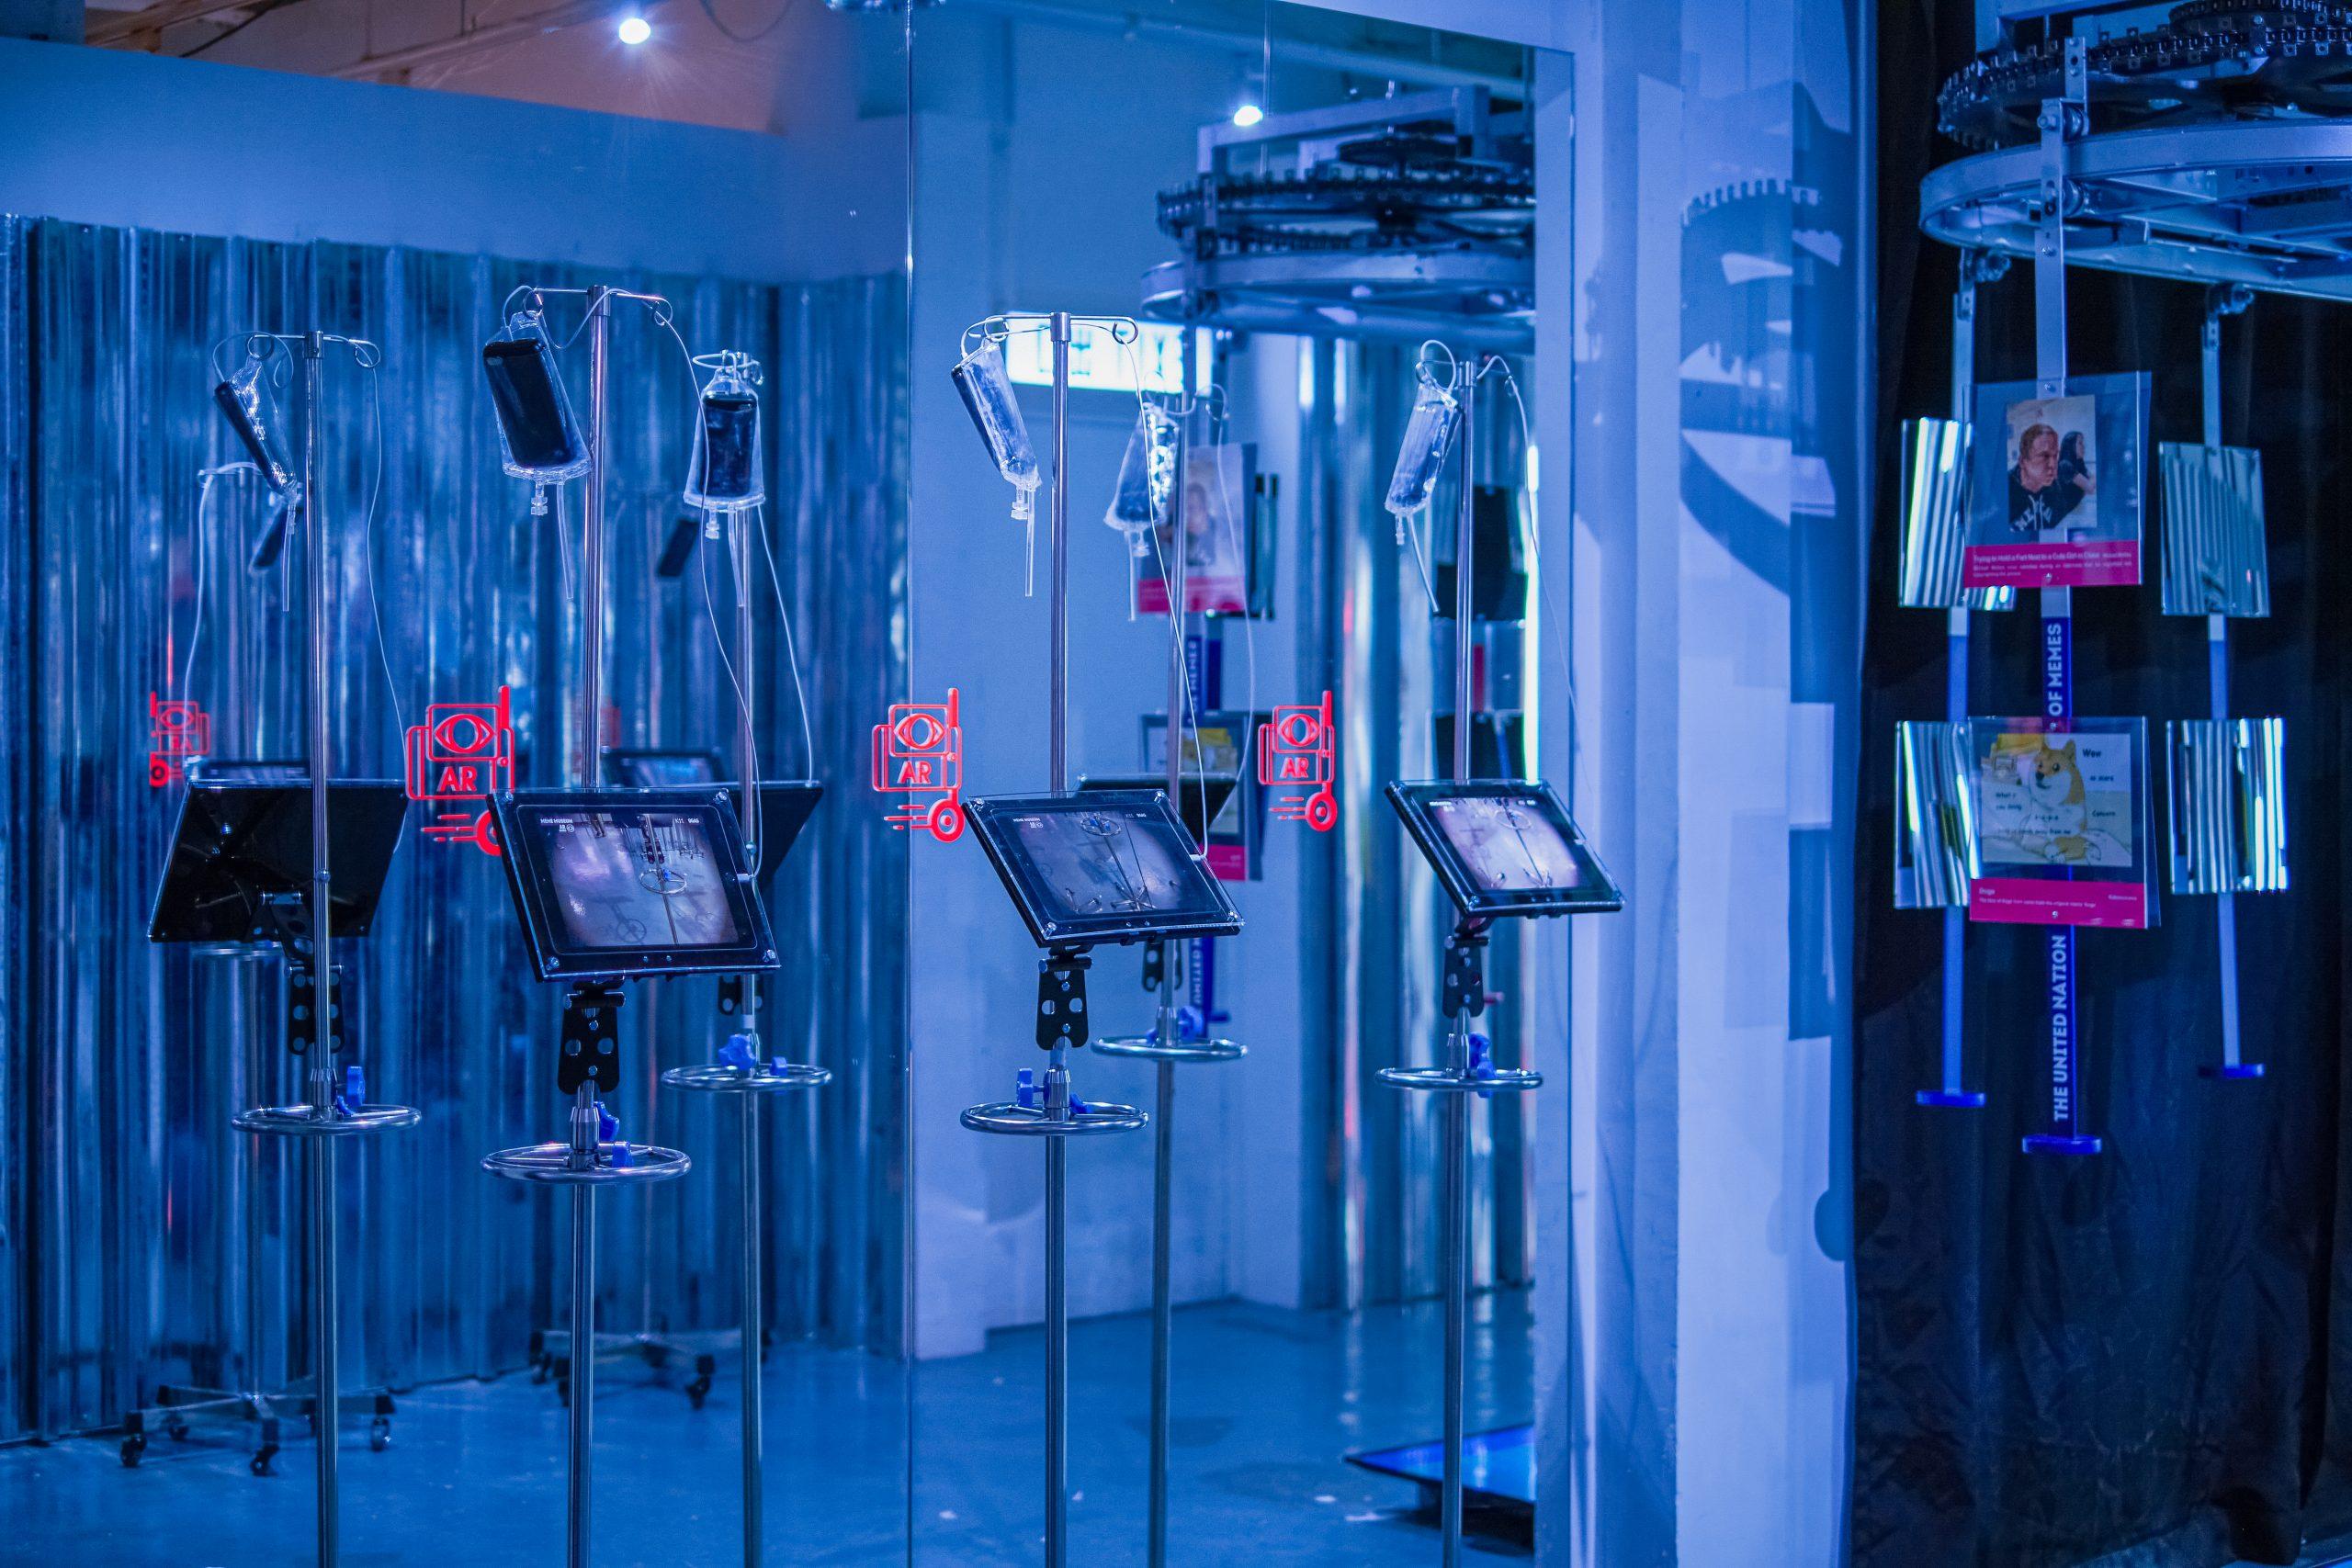 K11 Art Mall 9GAG MEME展覽 MEME MUSEUM 4D互動 AR 吊鹽水 鹽水架